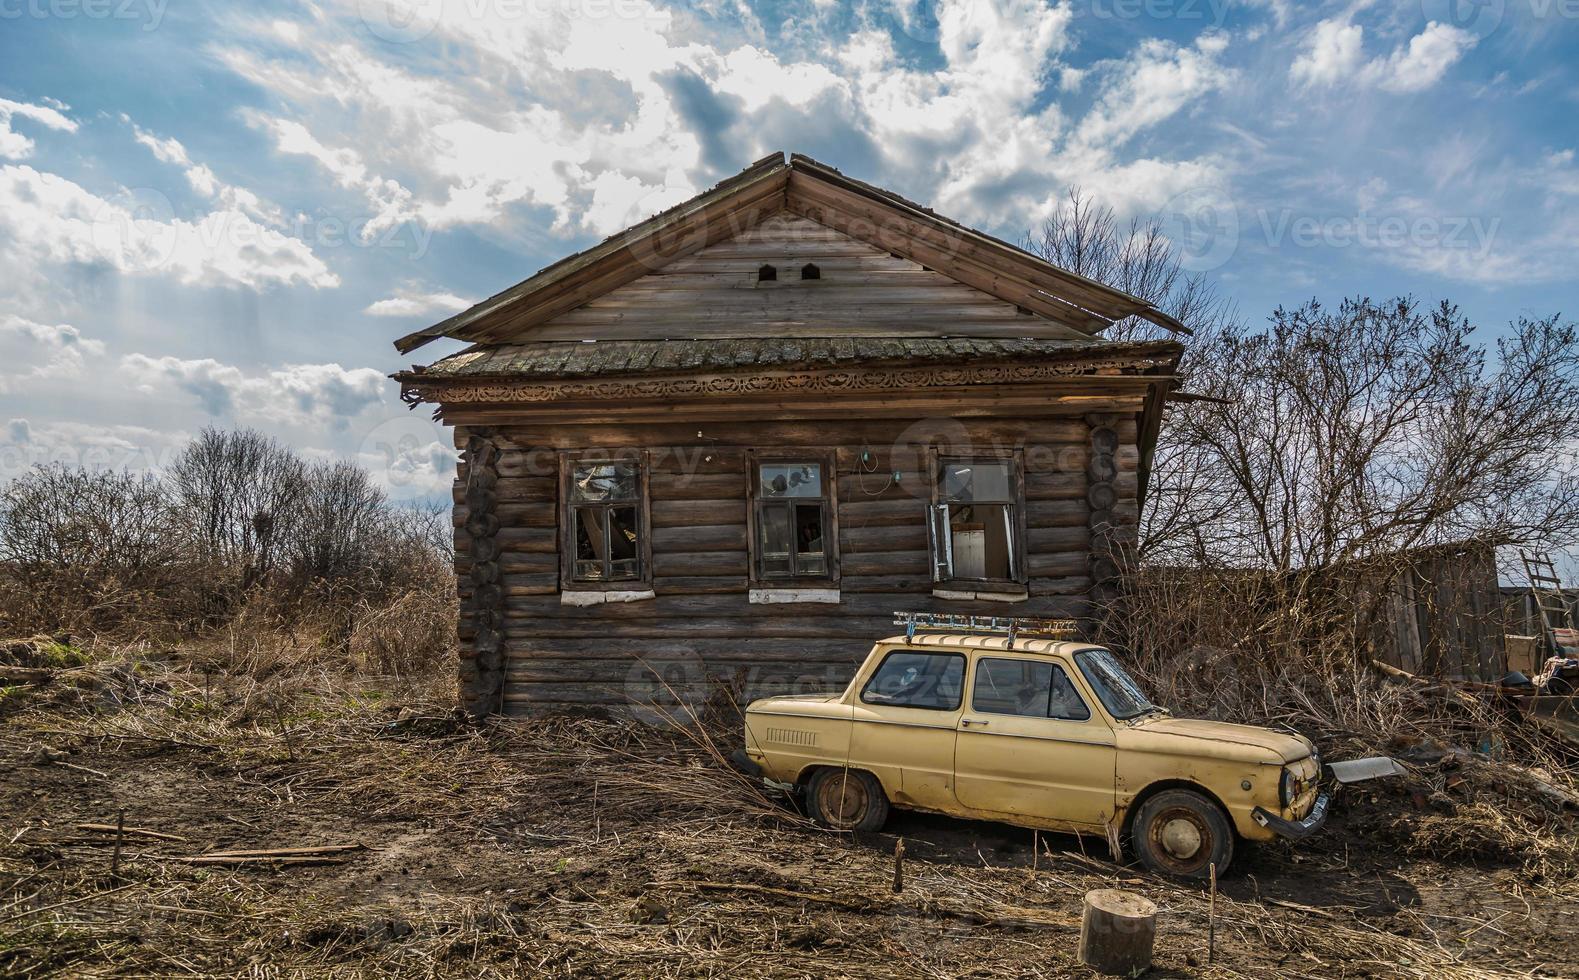 antigua casa de madera abandonada en el pueblo foto